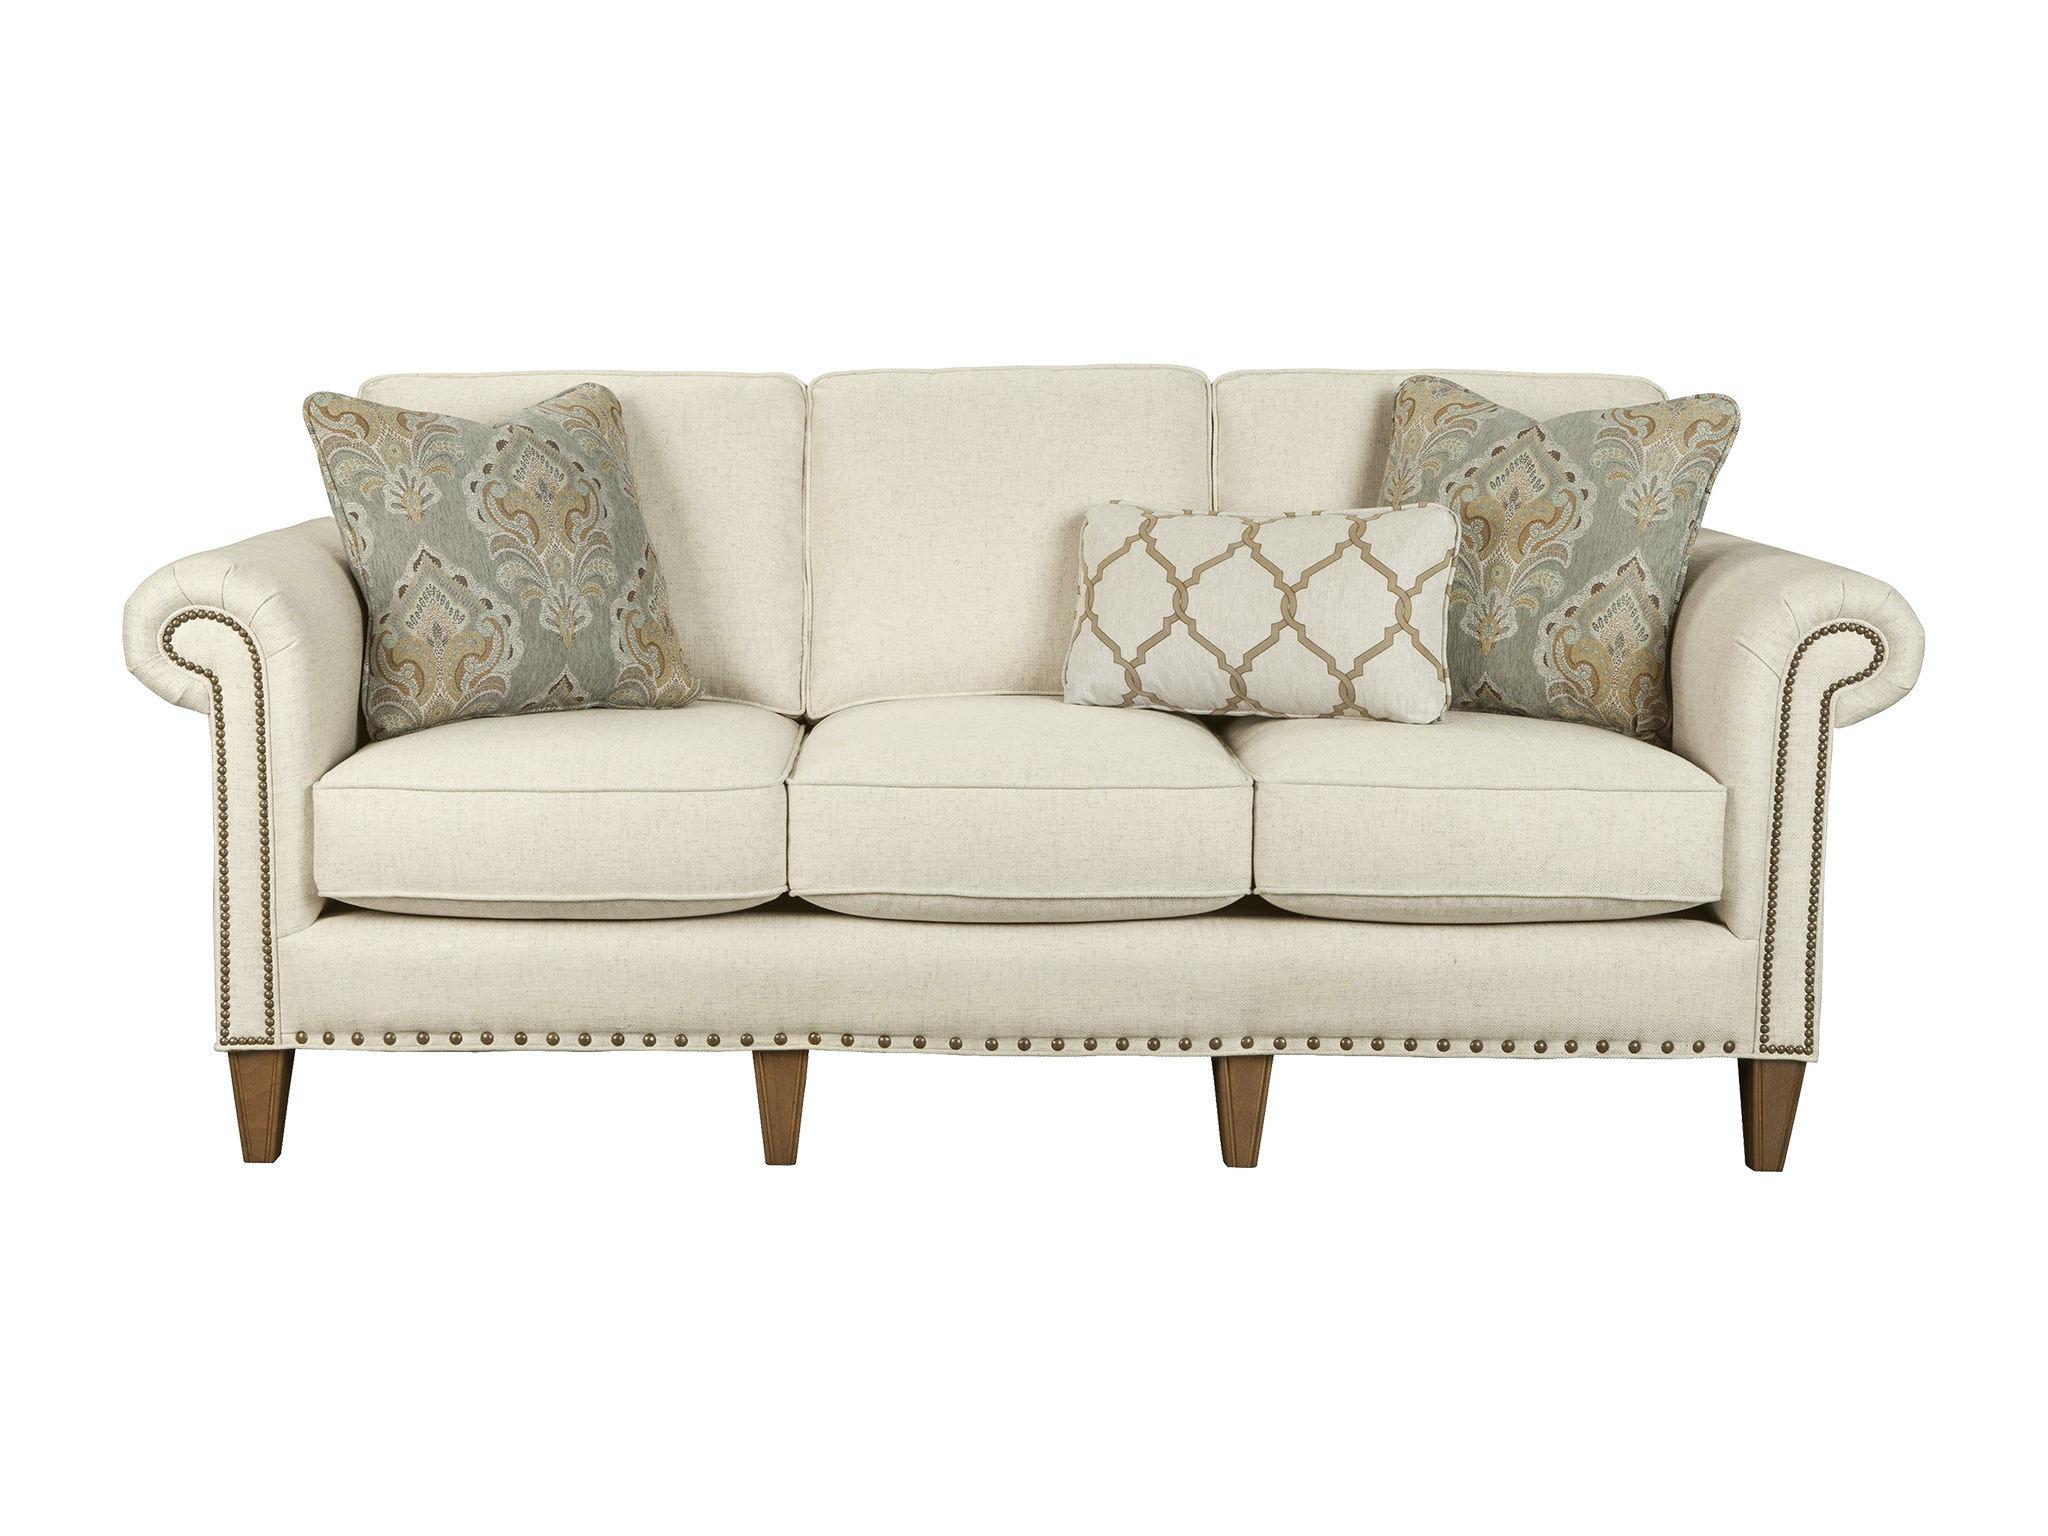 Hickorycraft Living Room Sofa 772850